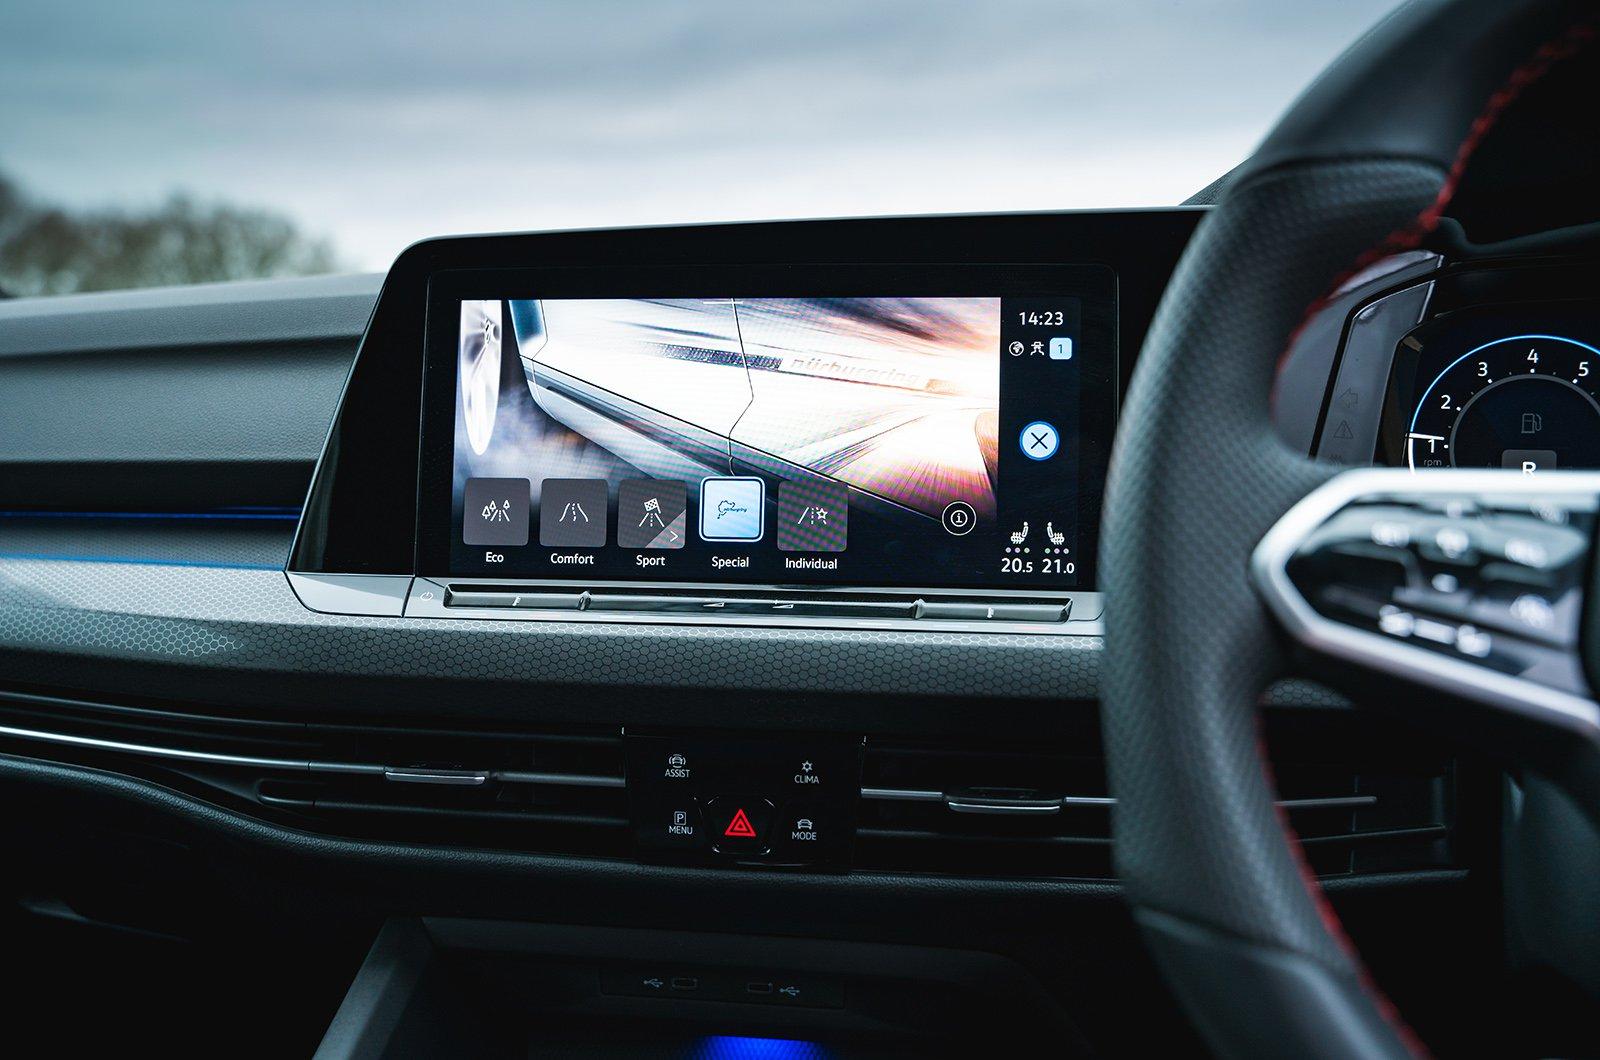 Volkswagen Golf GTI Clubsport infotainment